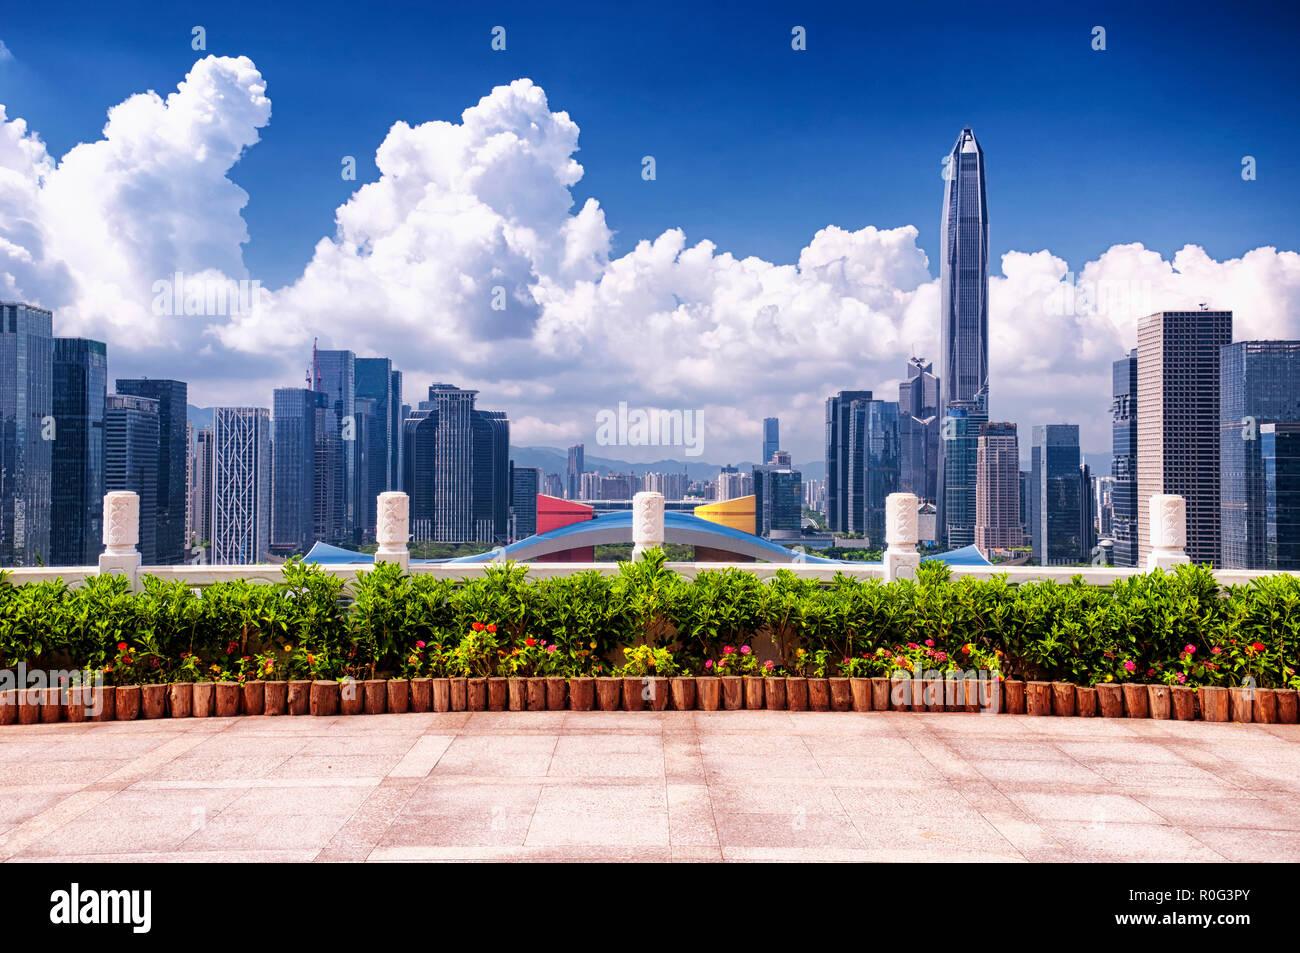 Con vistas al horizonte de Shenzhen, el centro cívico y pingan centro financiero en un día soleado cielo azul. Imagen De Stock